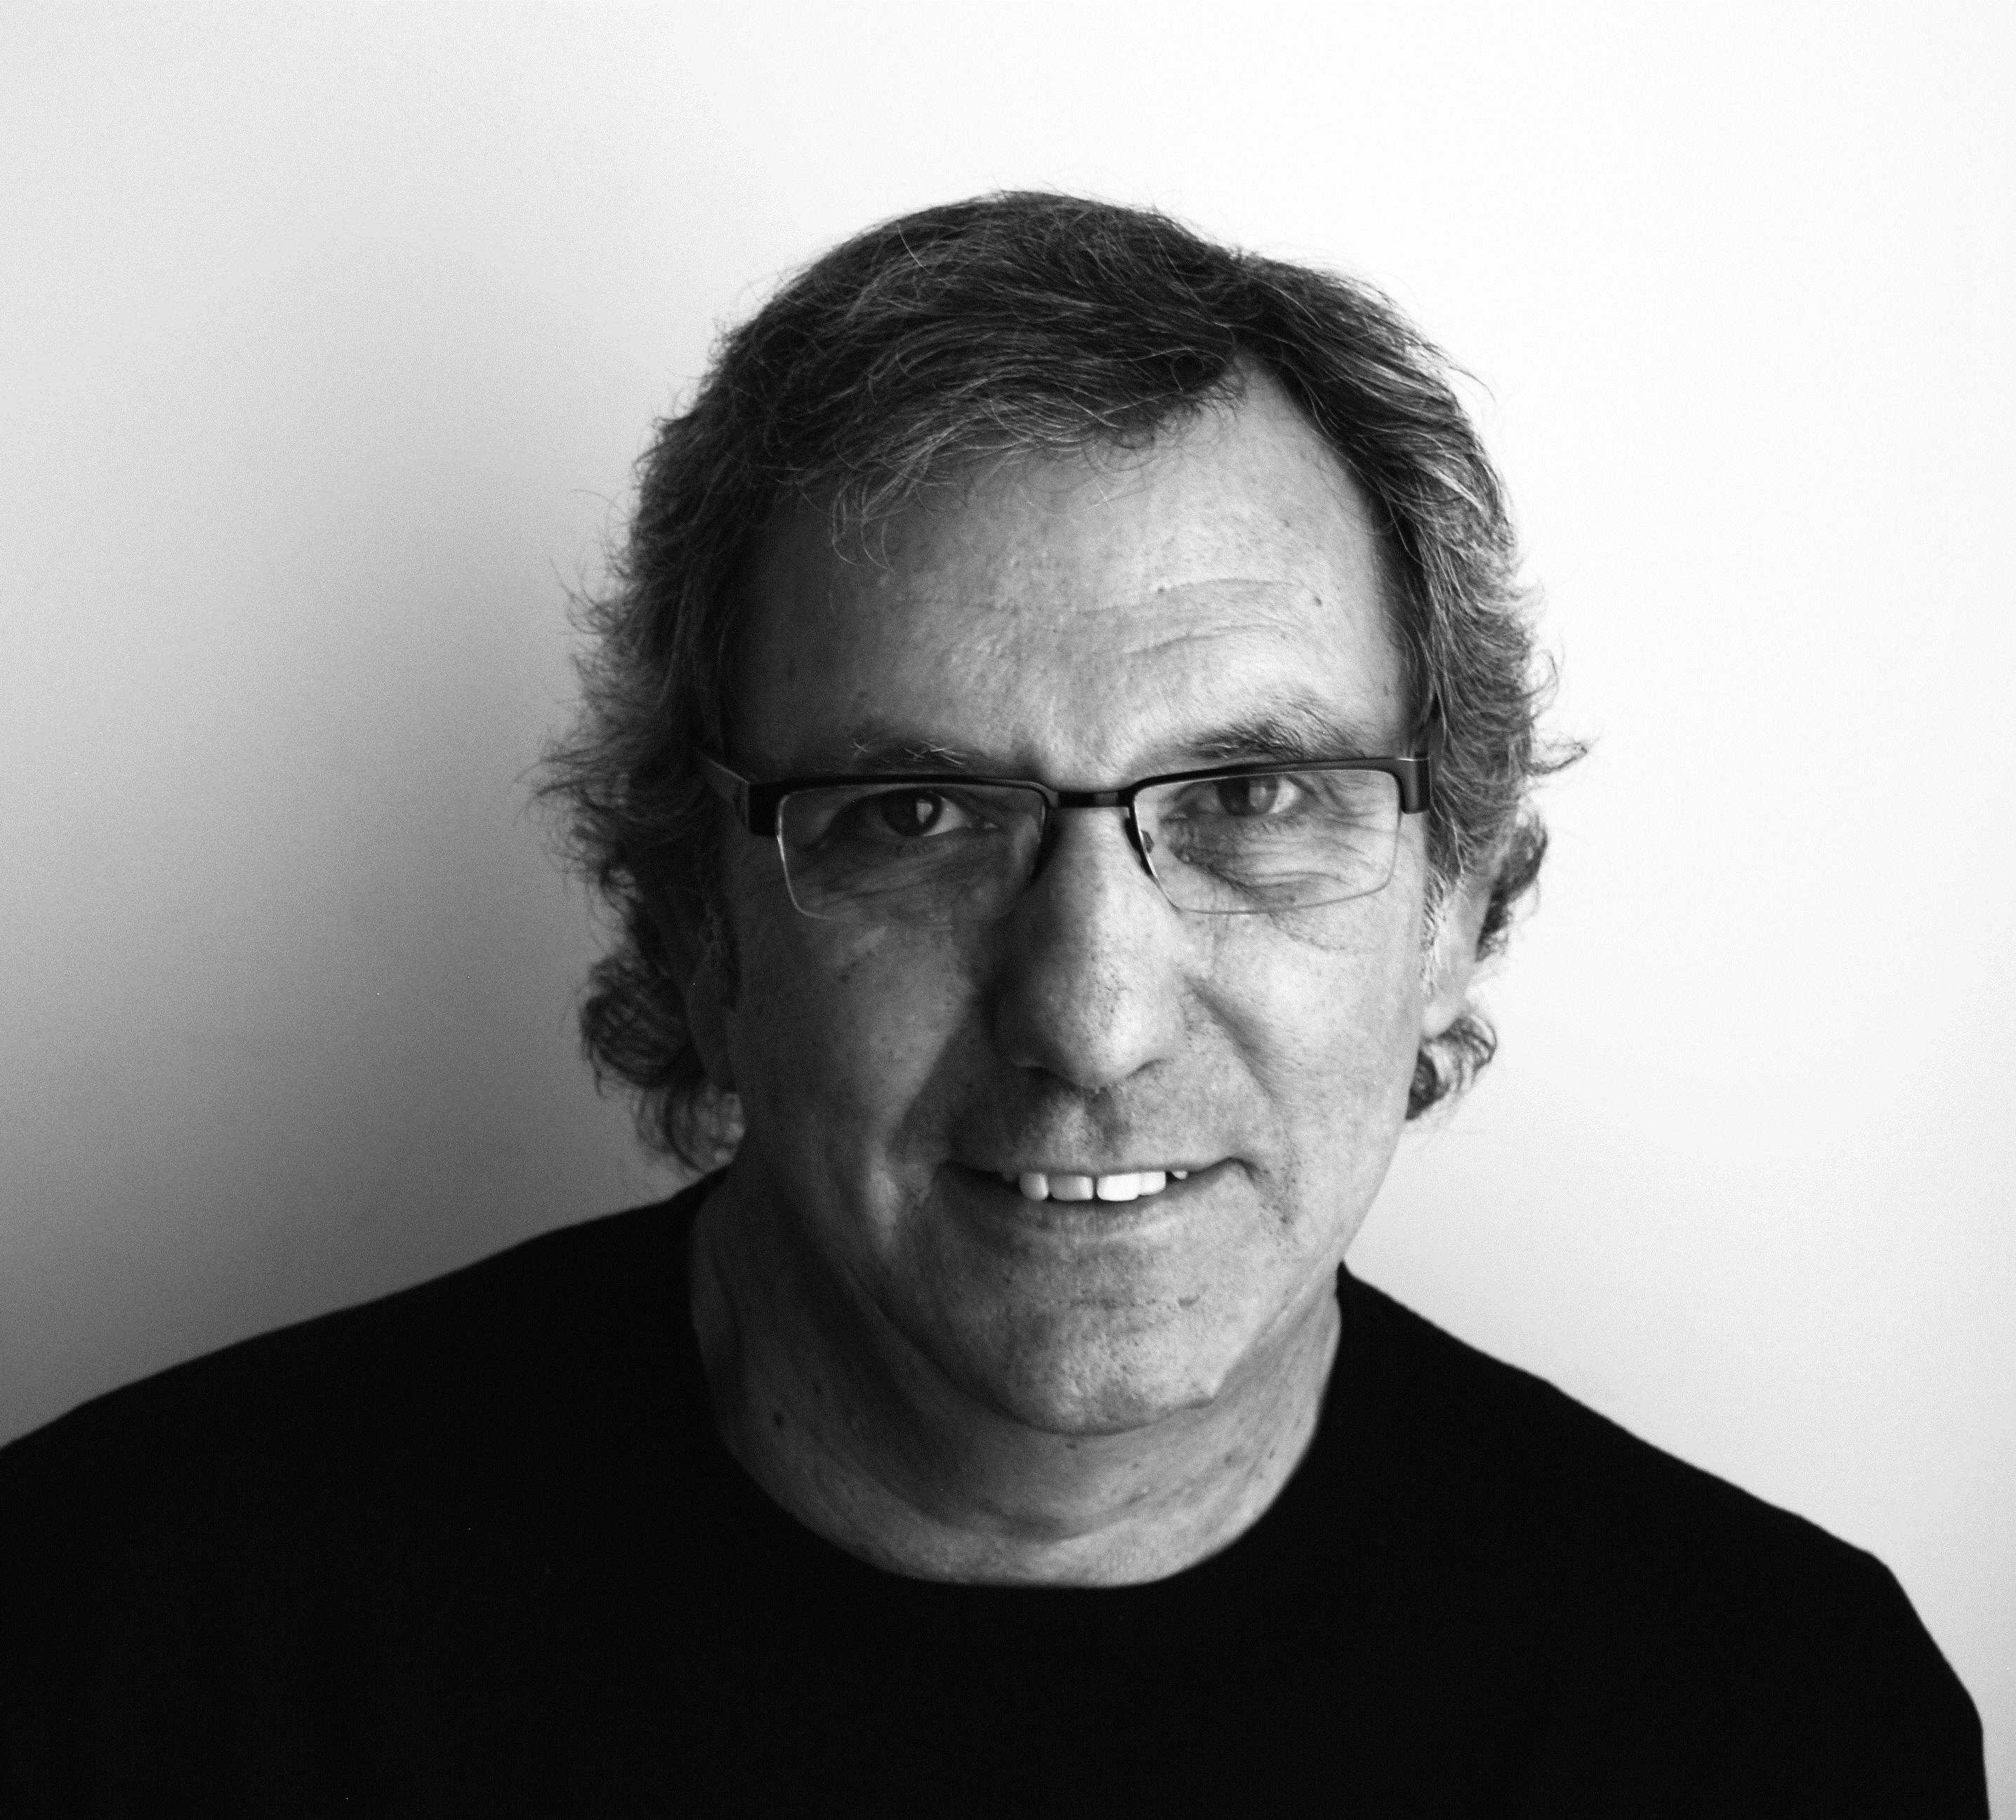 Álvaro Planchuelo